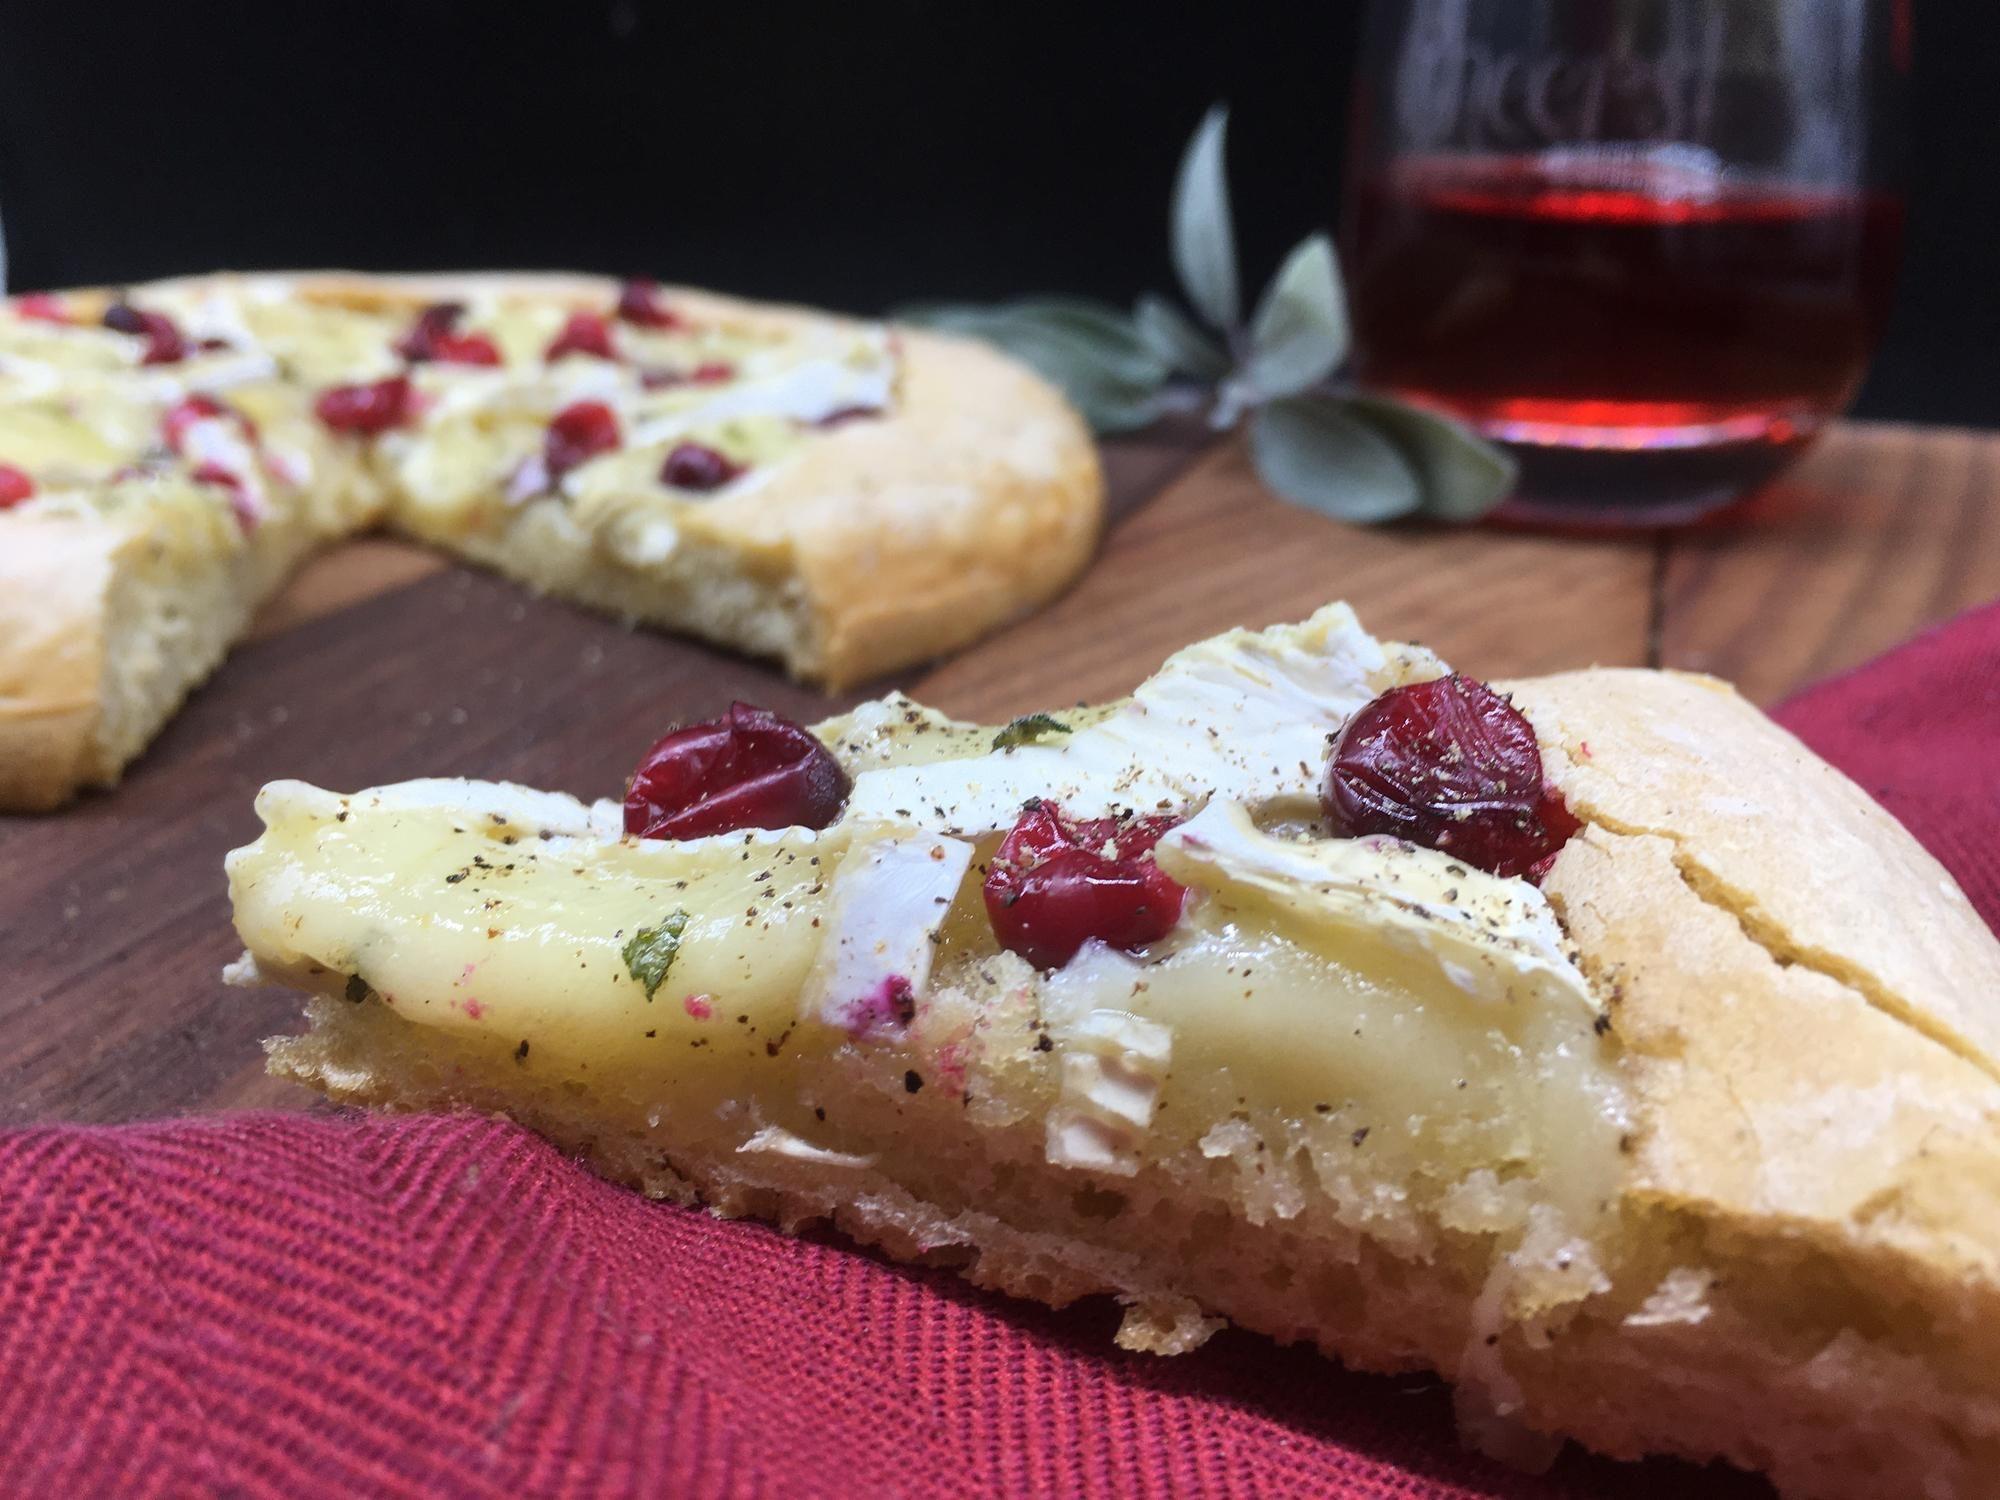 Gebackene Cranberry Brie Bites mit Salbei (Rezept in Kommentaren) - #essensrezepte #essensrez... #cranberrybriebites